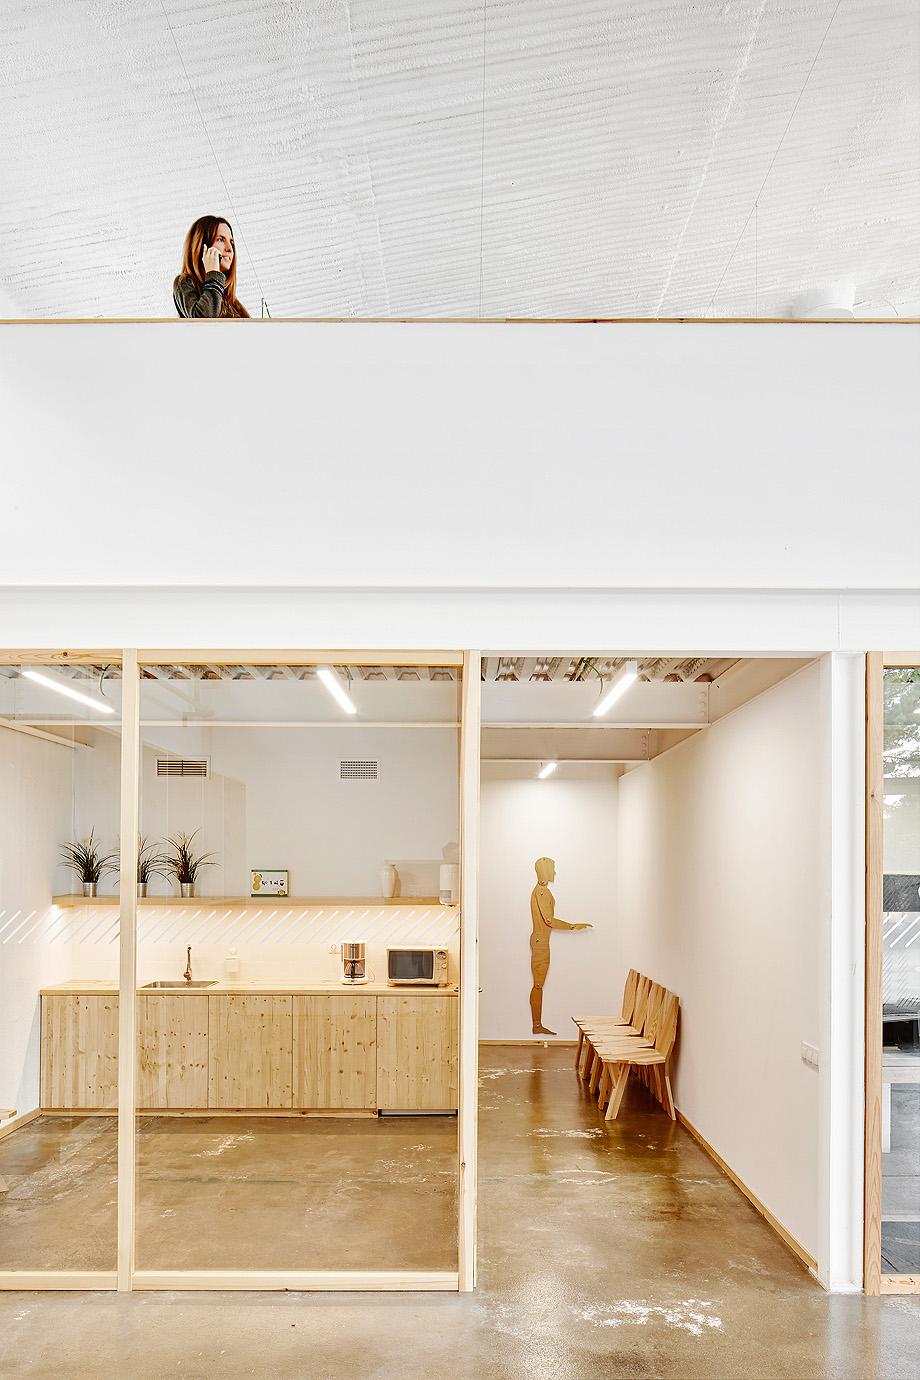 design center figueres por miriam castells studio (12)